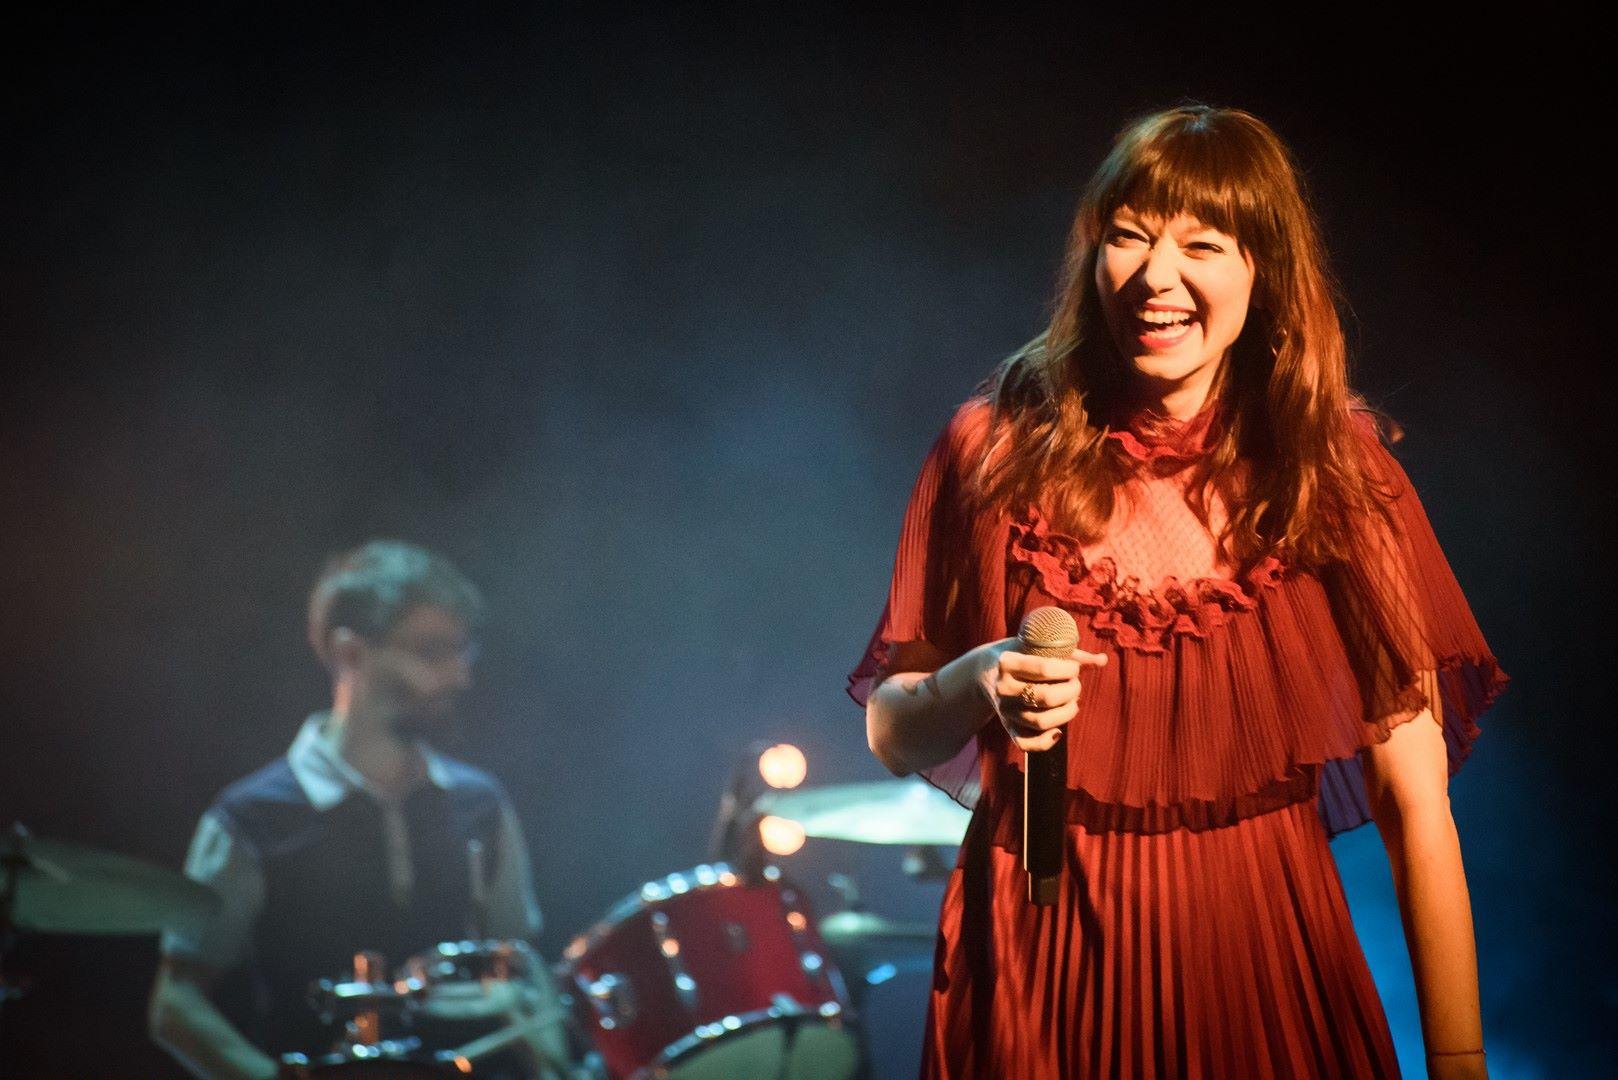 Na zdjeciu widzimy koncert w tle lekko rozmyty jest perkusista z broda a na pierwszym planie kobieta w dlugich wlosach usmiechnieta trzyma mikrofon ubrana jest w czerwona sukienke